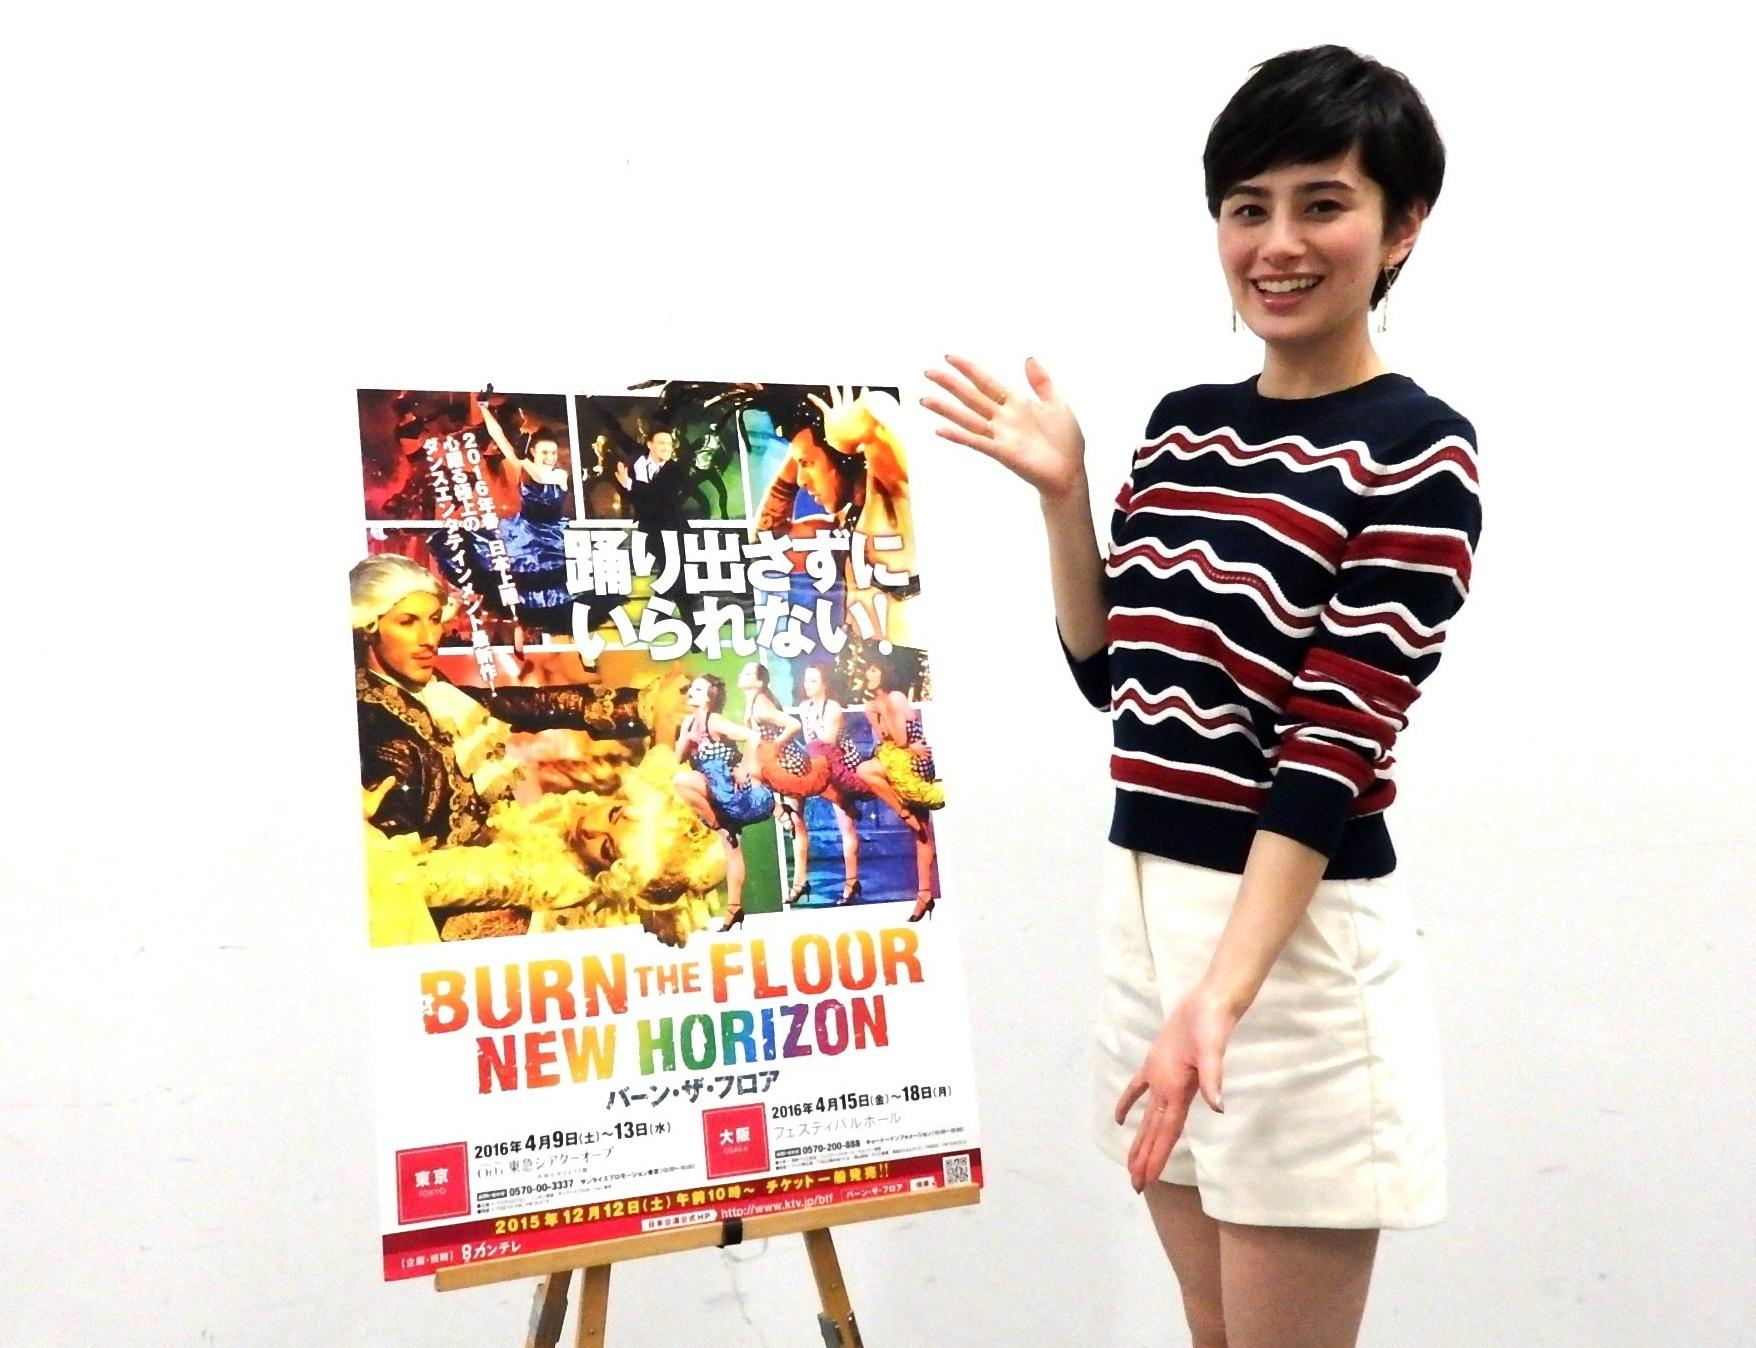 『バーン・ザ・フロア NEW HORIZON』スペシャルサポーターのホラン千秋